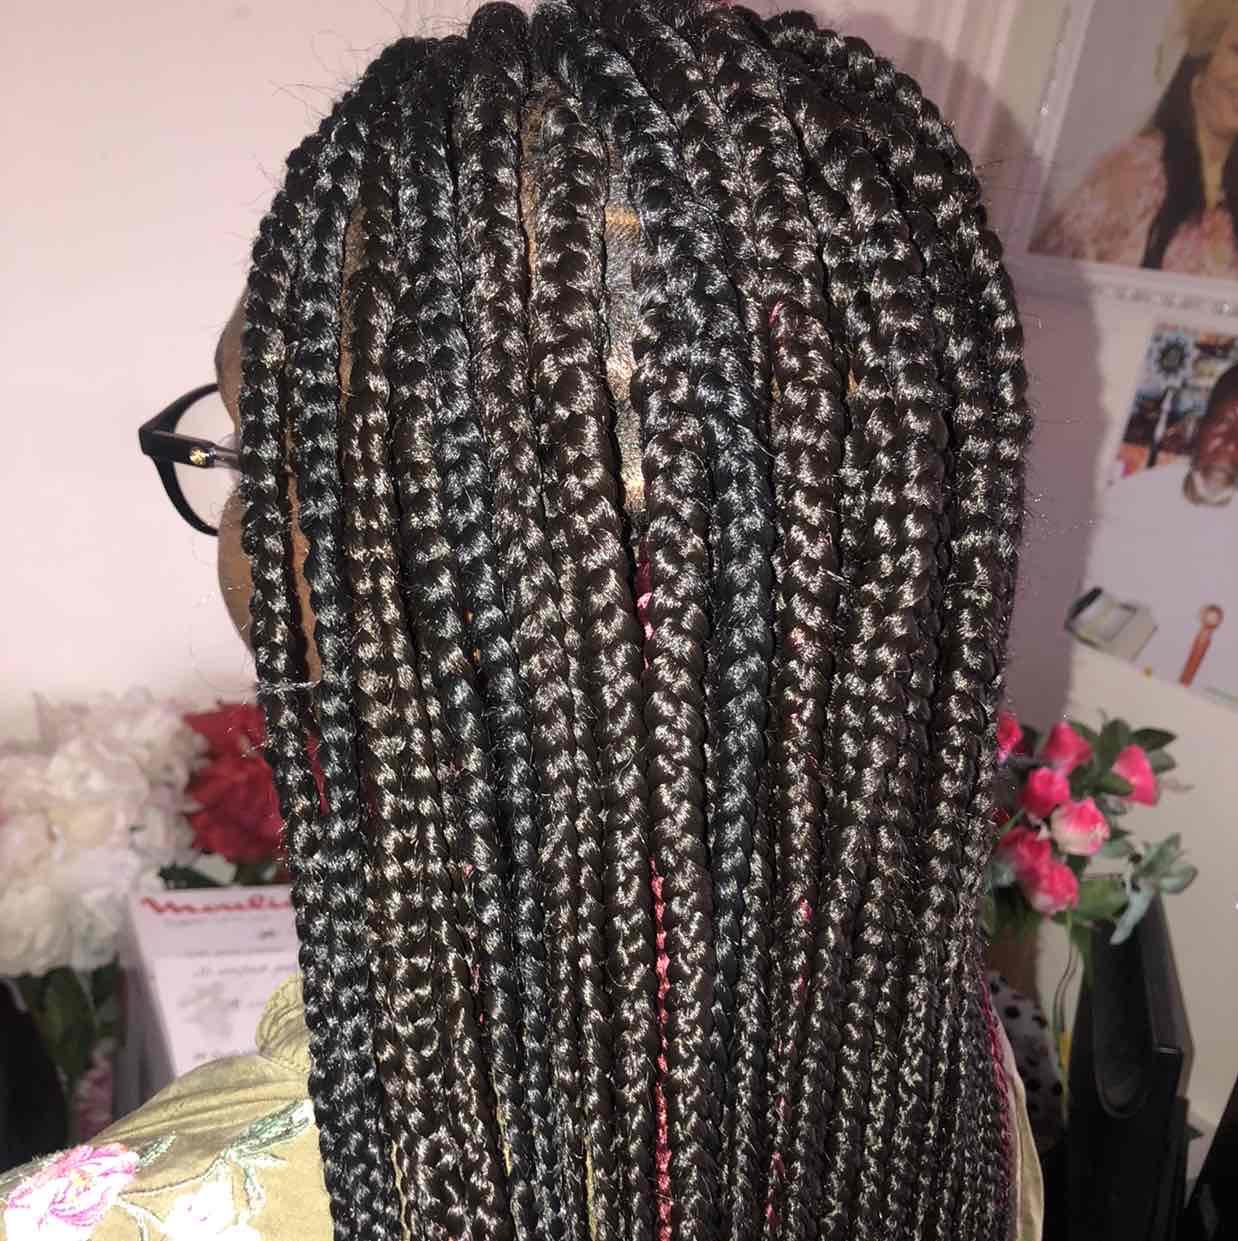 salon de coiffure afro tresse tresses box braids crochet braids vanilles tissages paris 75 77 78 91 92 93 94 95 TRWWRWAK